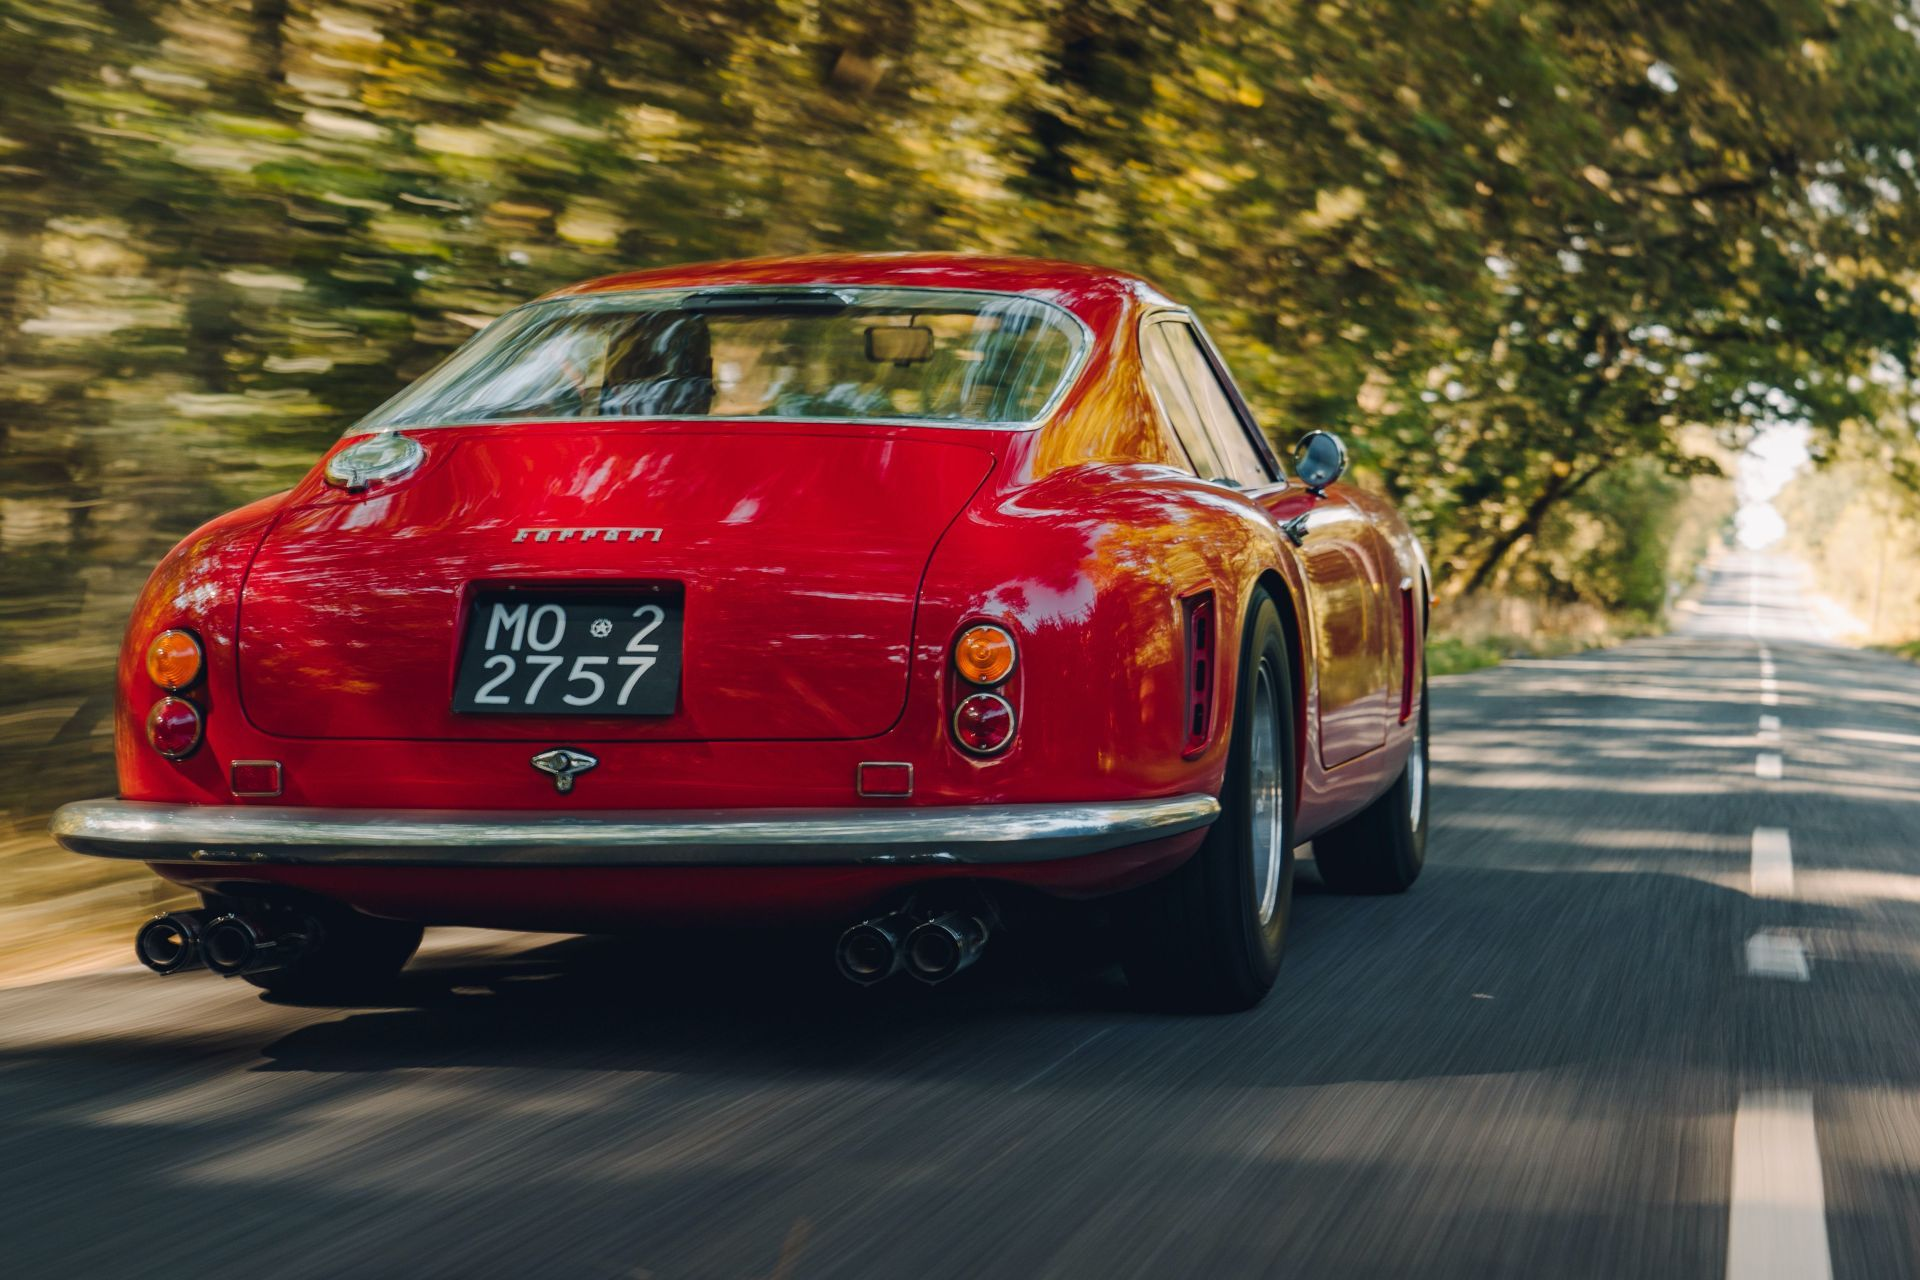 Ferrari-250-GT-SWB-Berlinetta-Competizione-Revival-by-GTO-Engineering-10